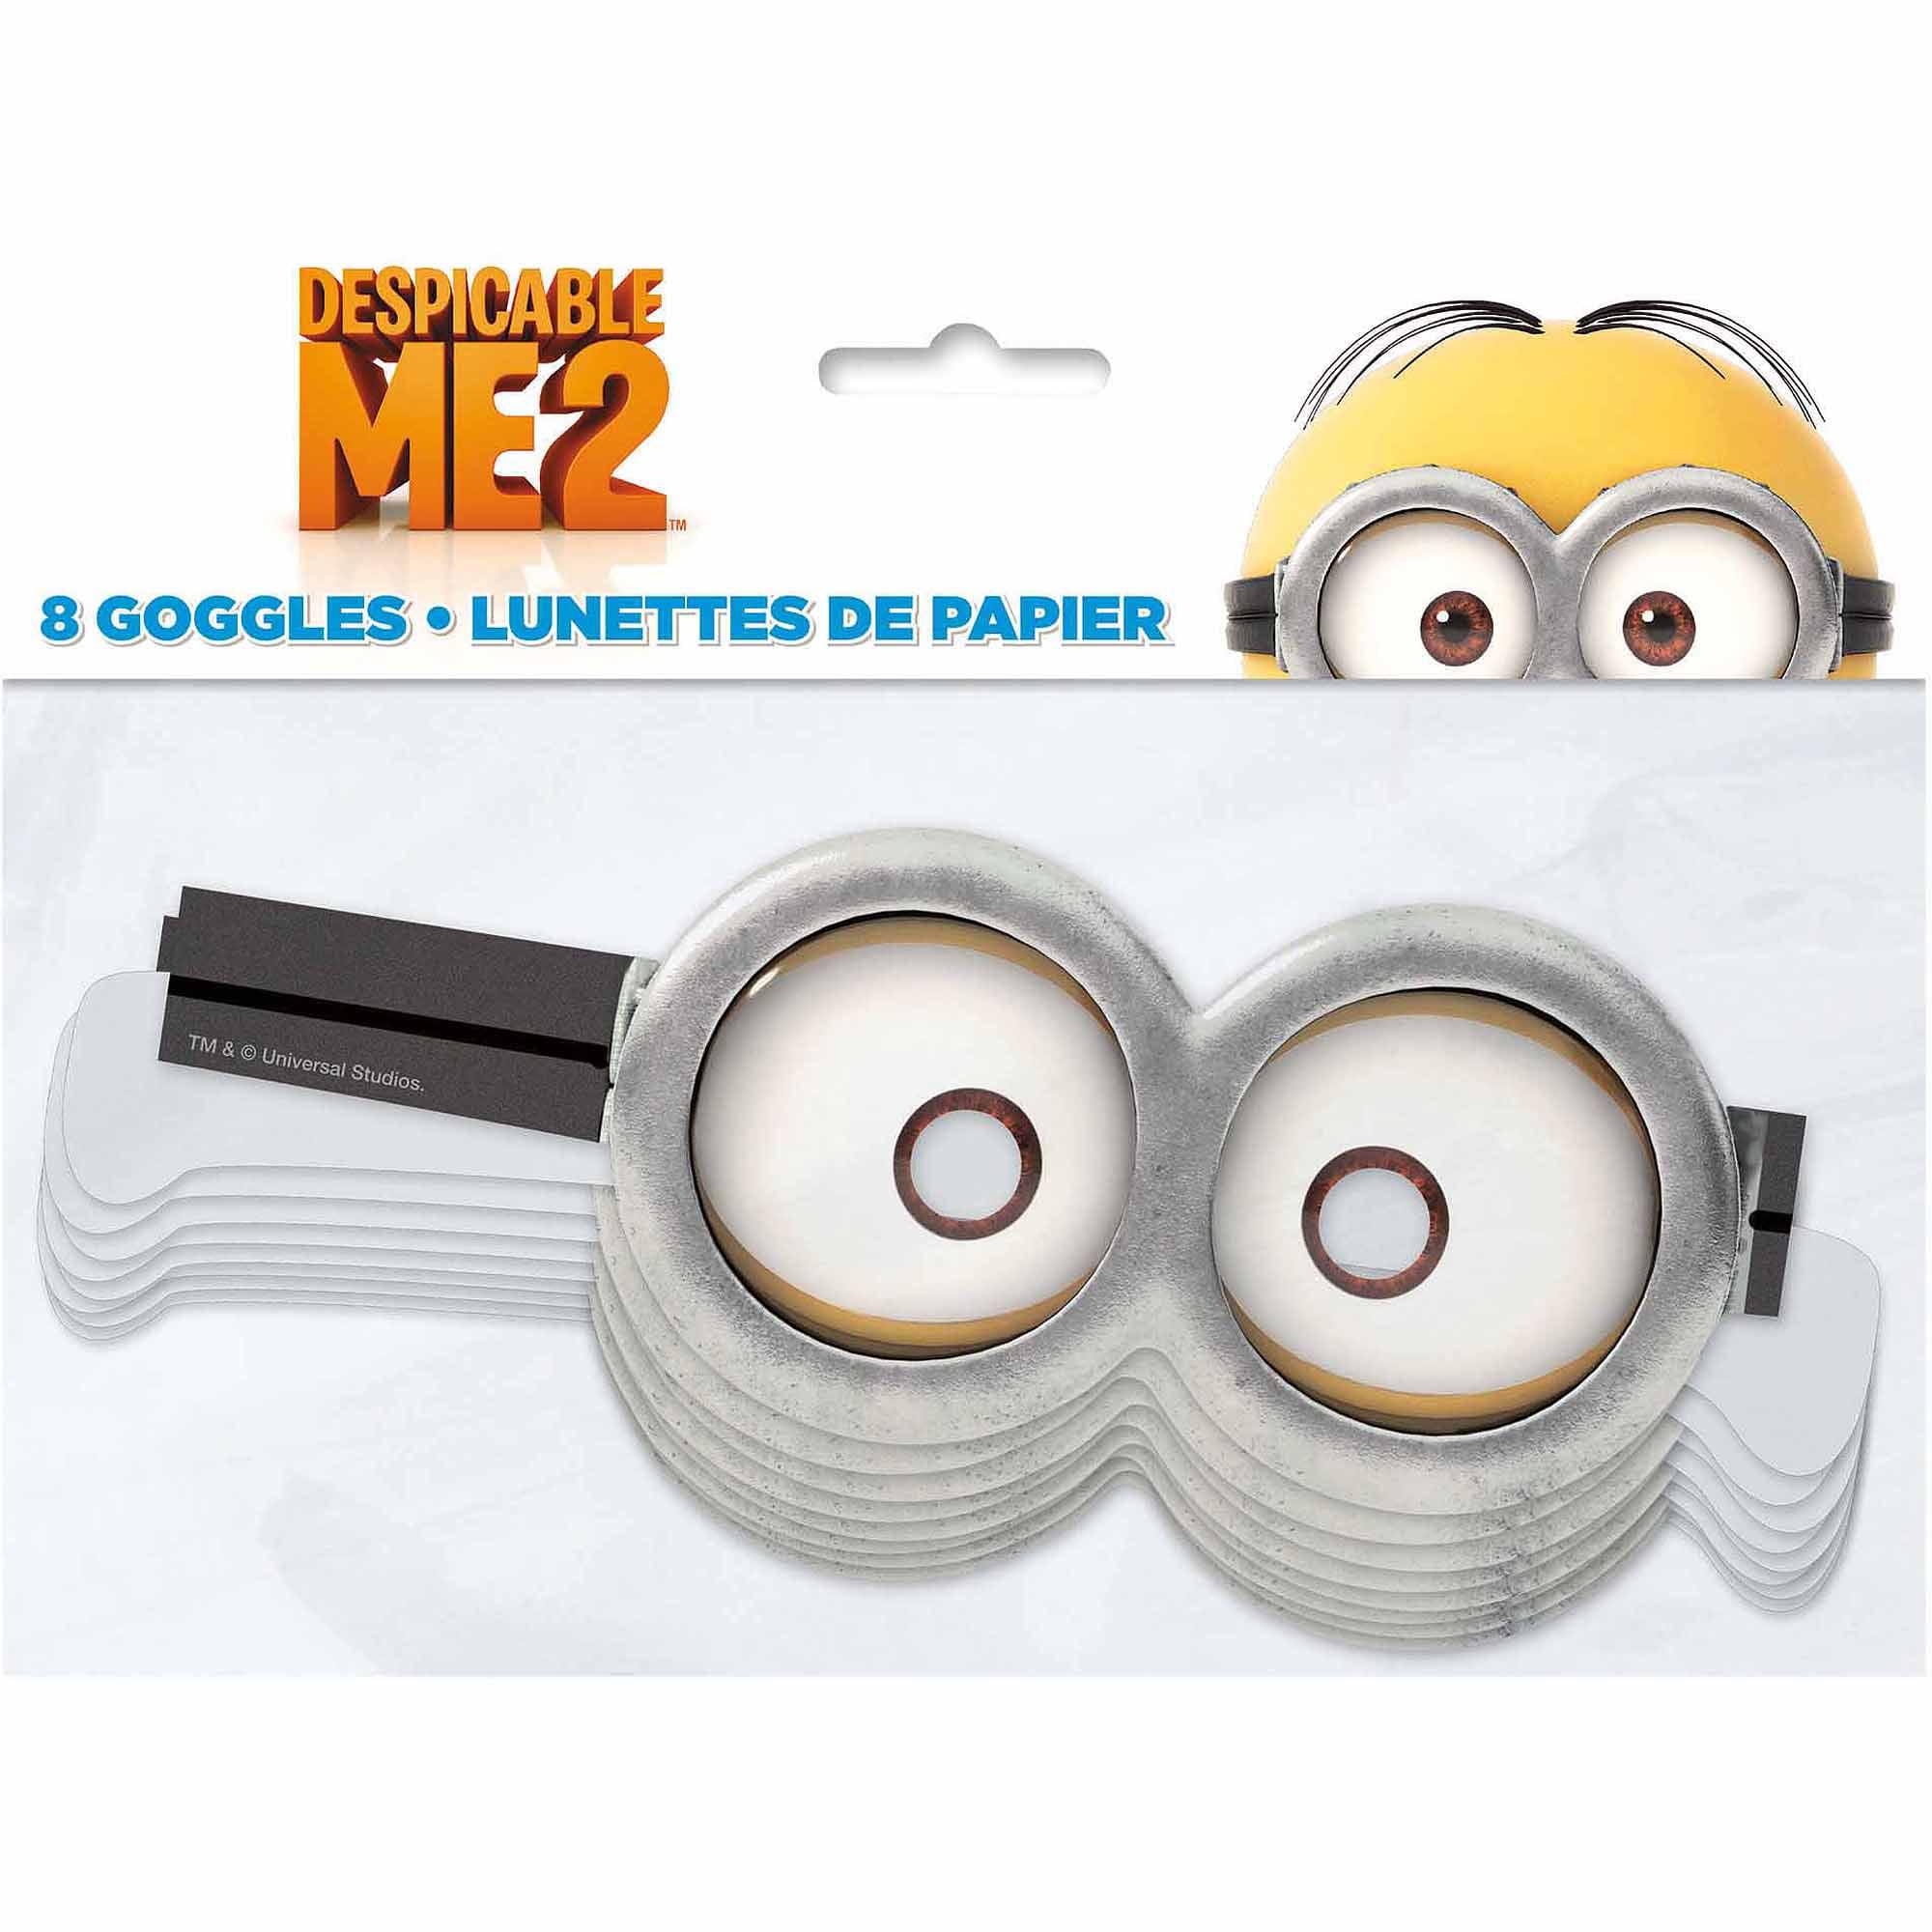 Paper Despicable Me Minion Goggles, 8ct